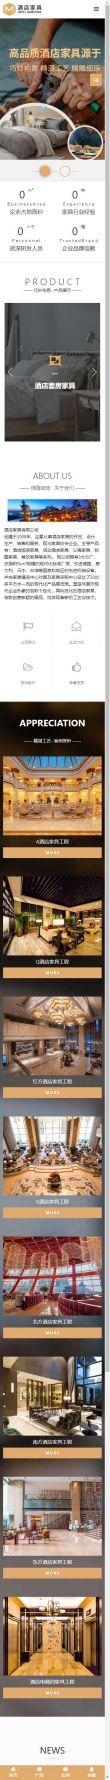 酒店家具定制网站模板,酒店家具定制网页模板,酒店家具定制响应式网站模板